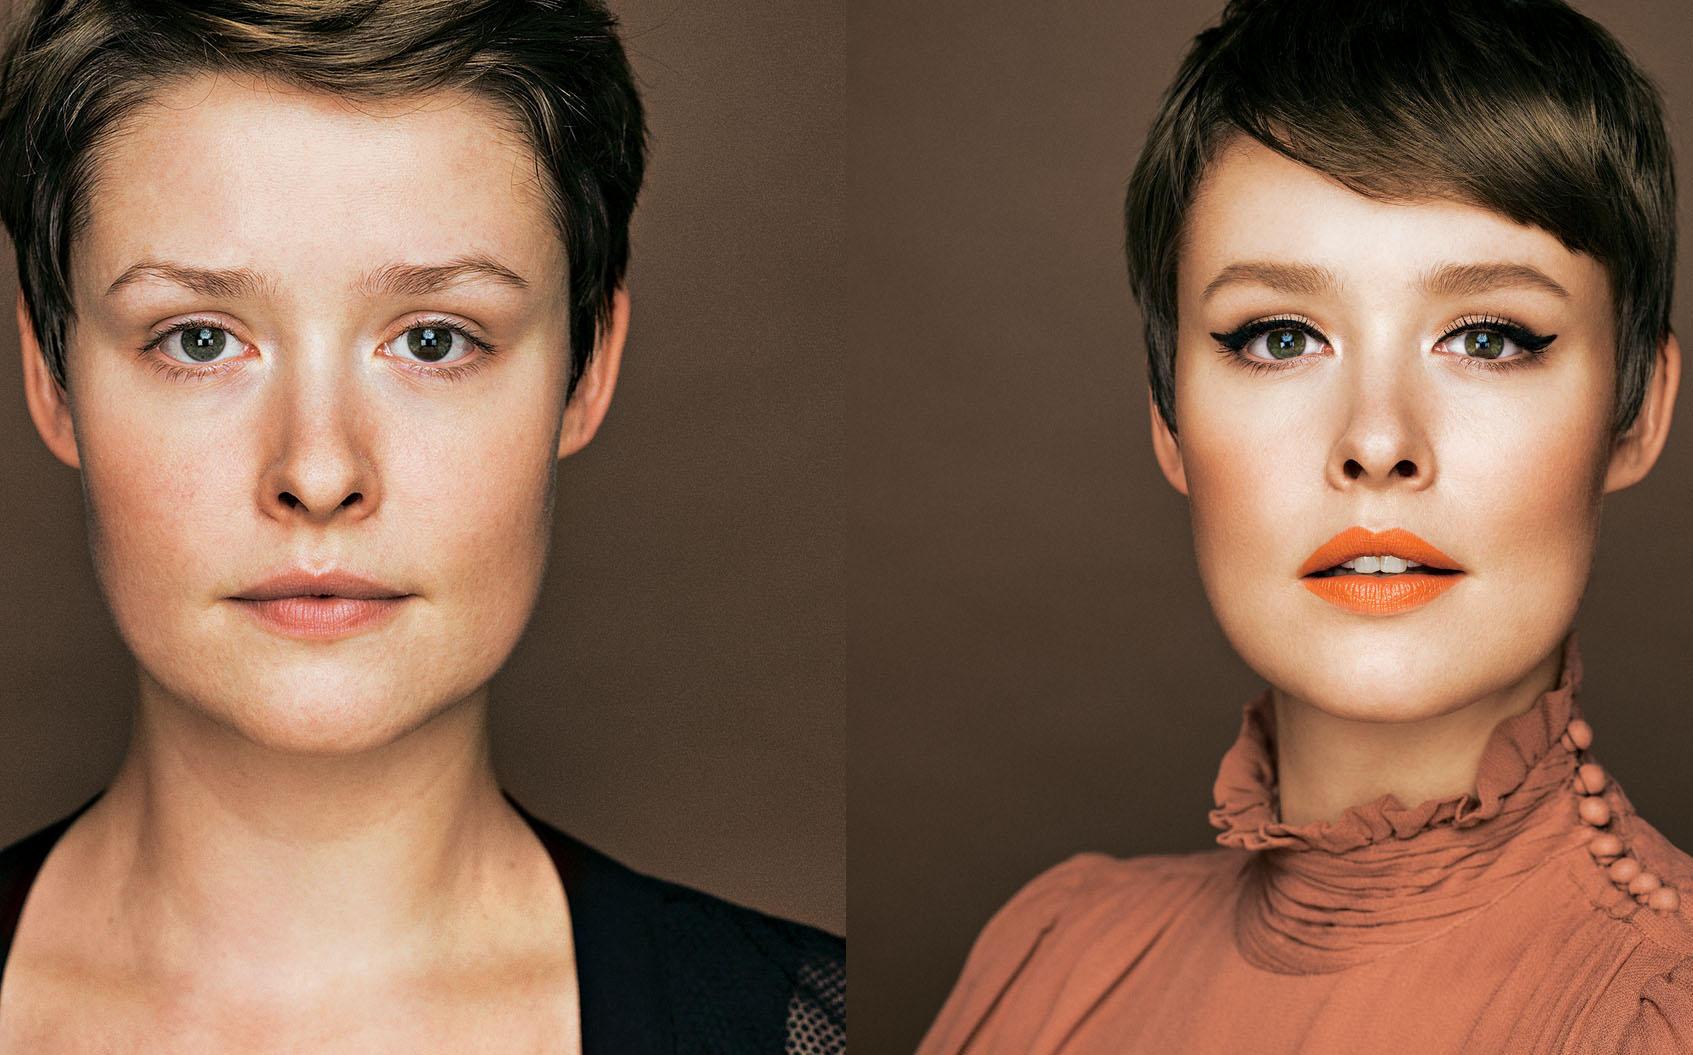 Vorher-Nachher Make-up: 5 Frauen im Umstyling | BRIGITTE.de